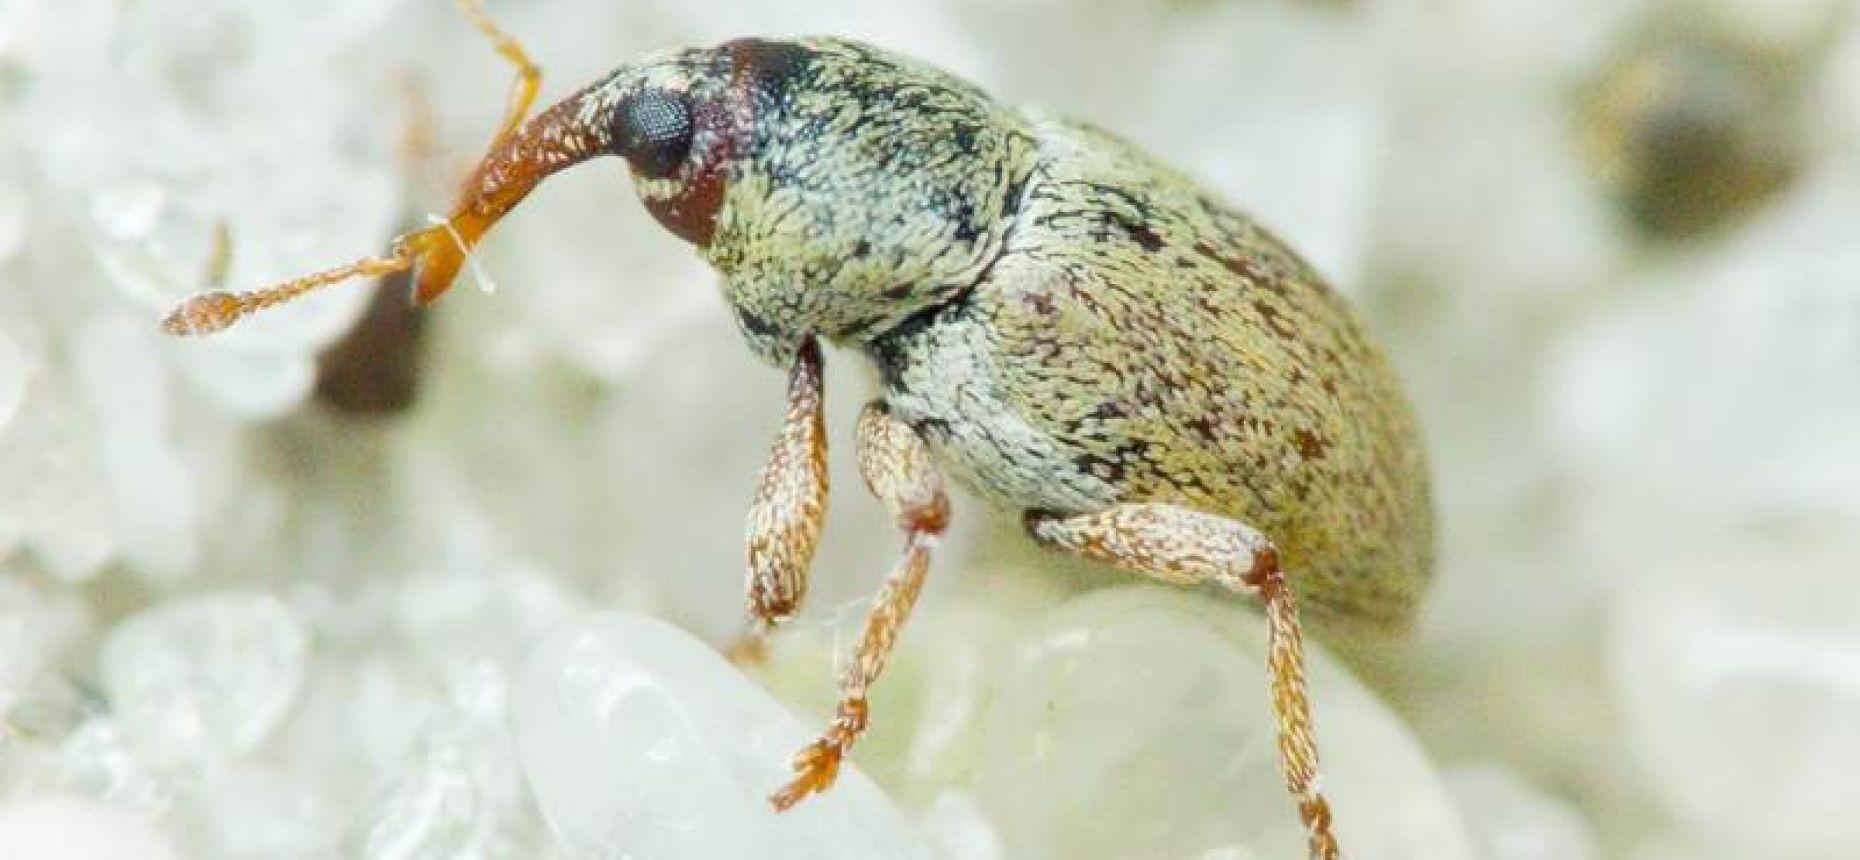 Желтый семяед - Tychius flavus Becker